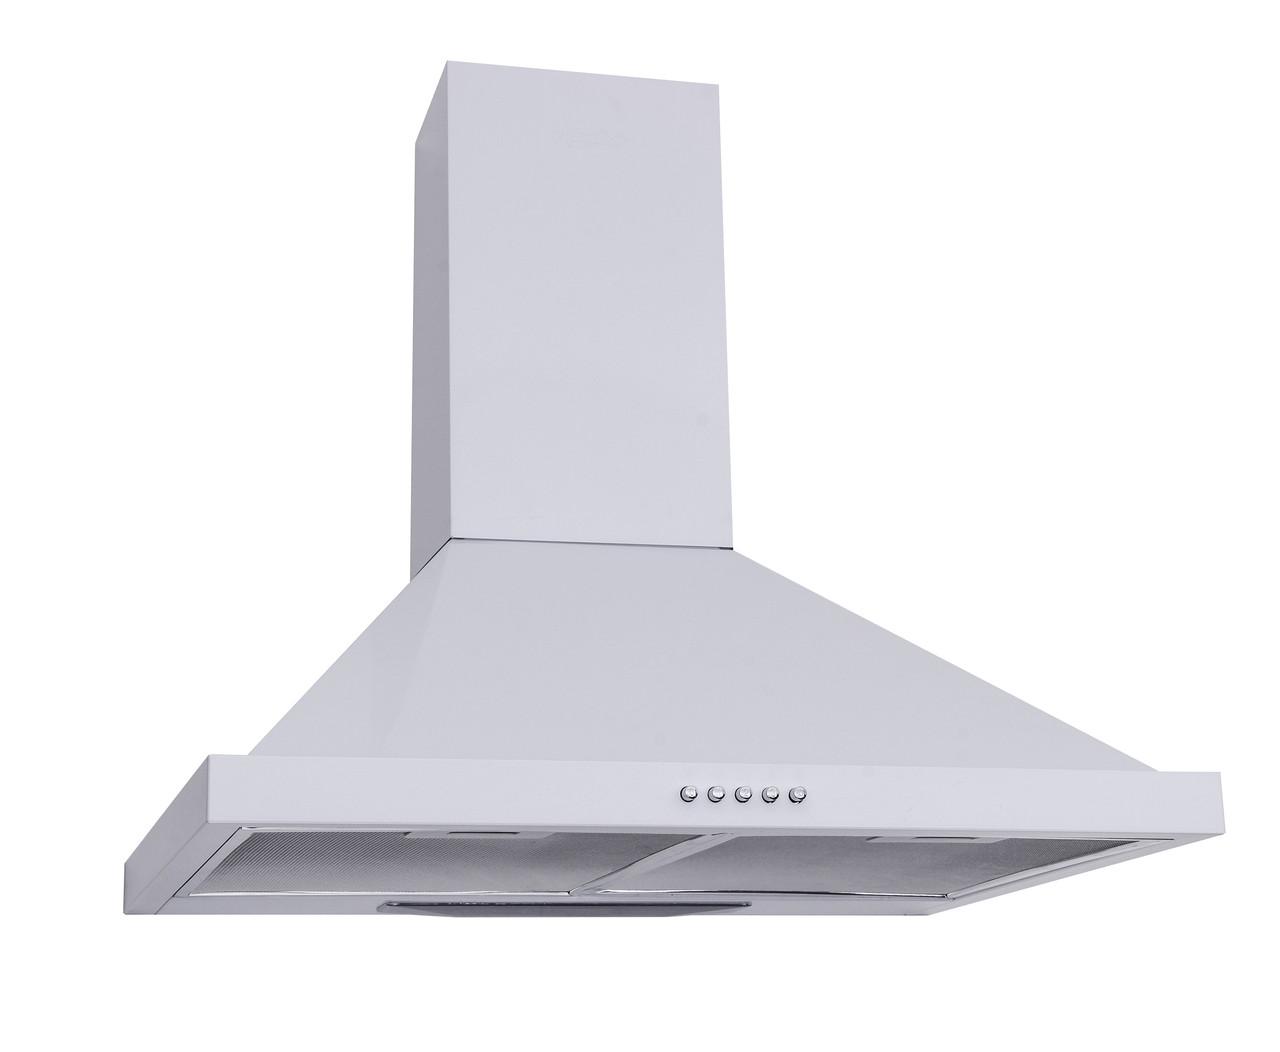 Вытяжка кухонная каминная 60 см белая Ventolux Lazio 60 wh (750)